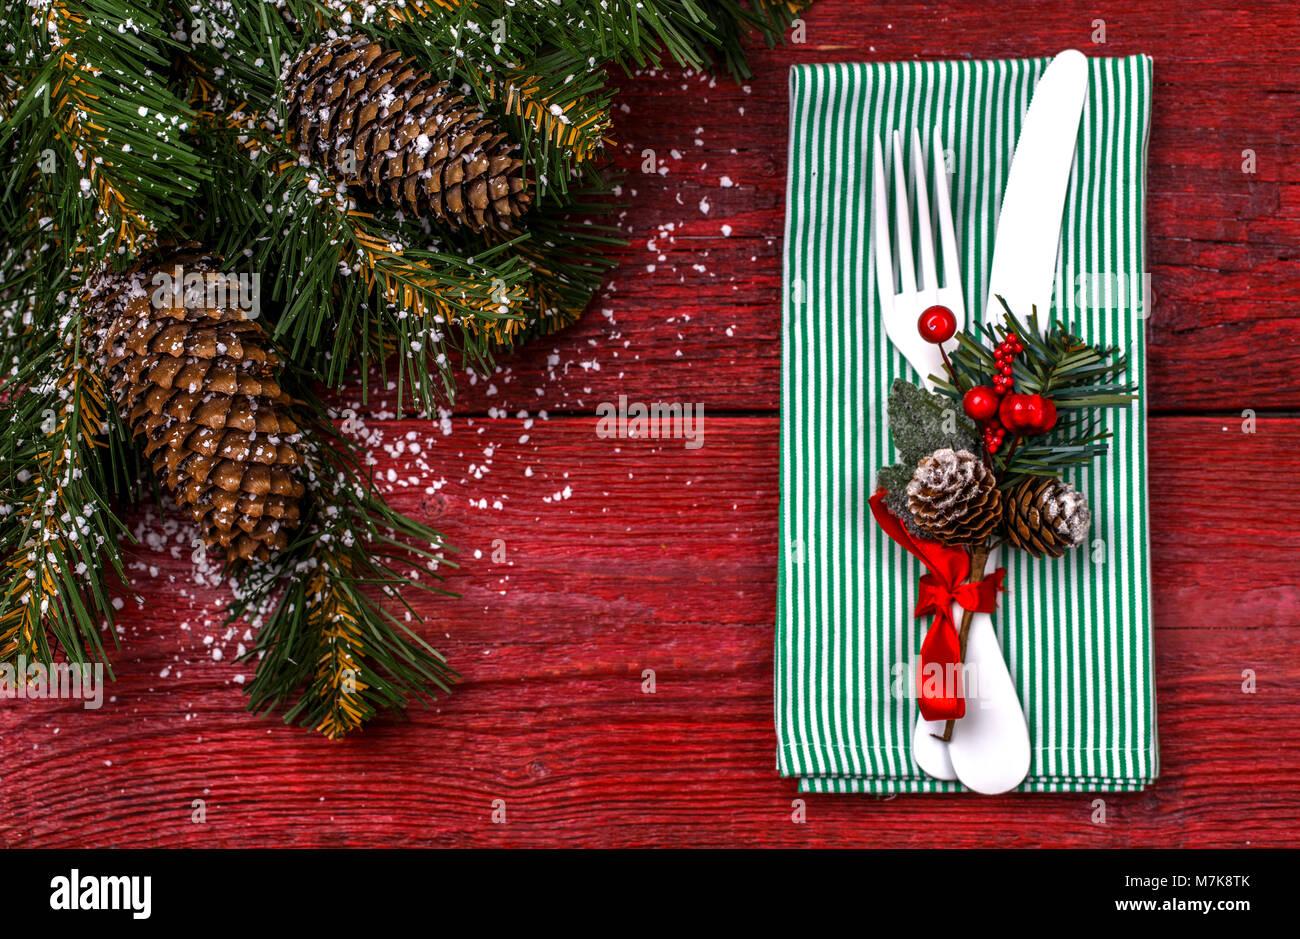 Weihnachten Tisch mit grünen Serviette, Messer und Gabel ...